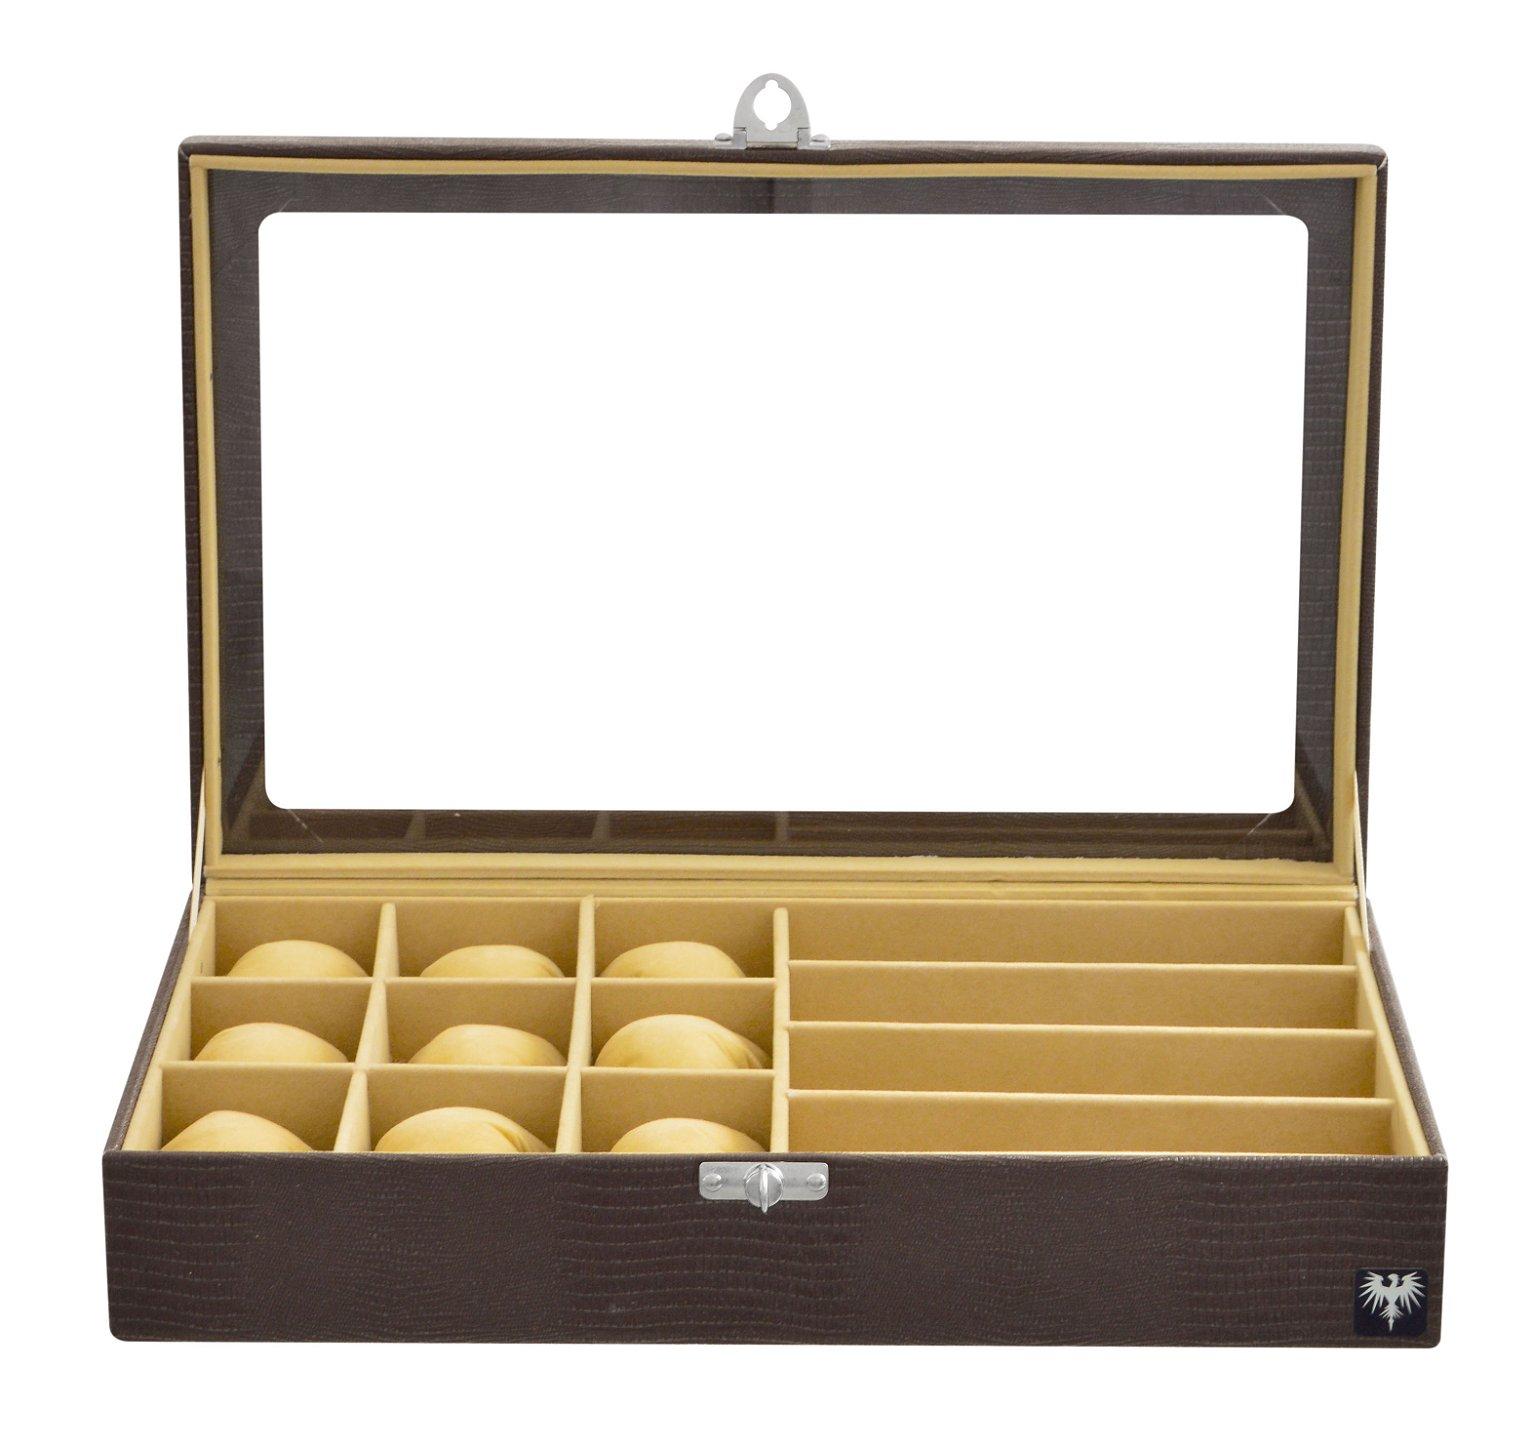 estojo-couro-eco-9-relogios-4-oculos-marrom-bege-porta-caixa-imagem-9.jpg